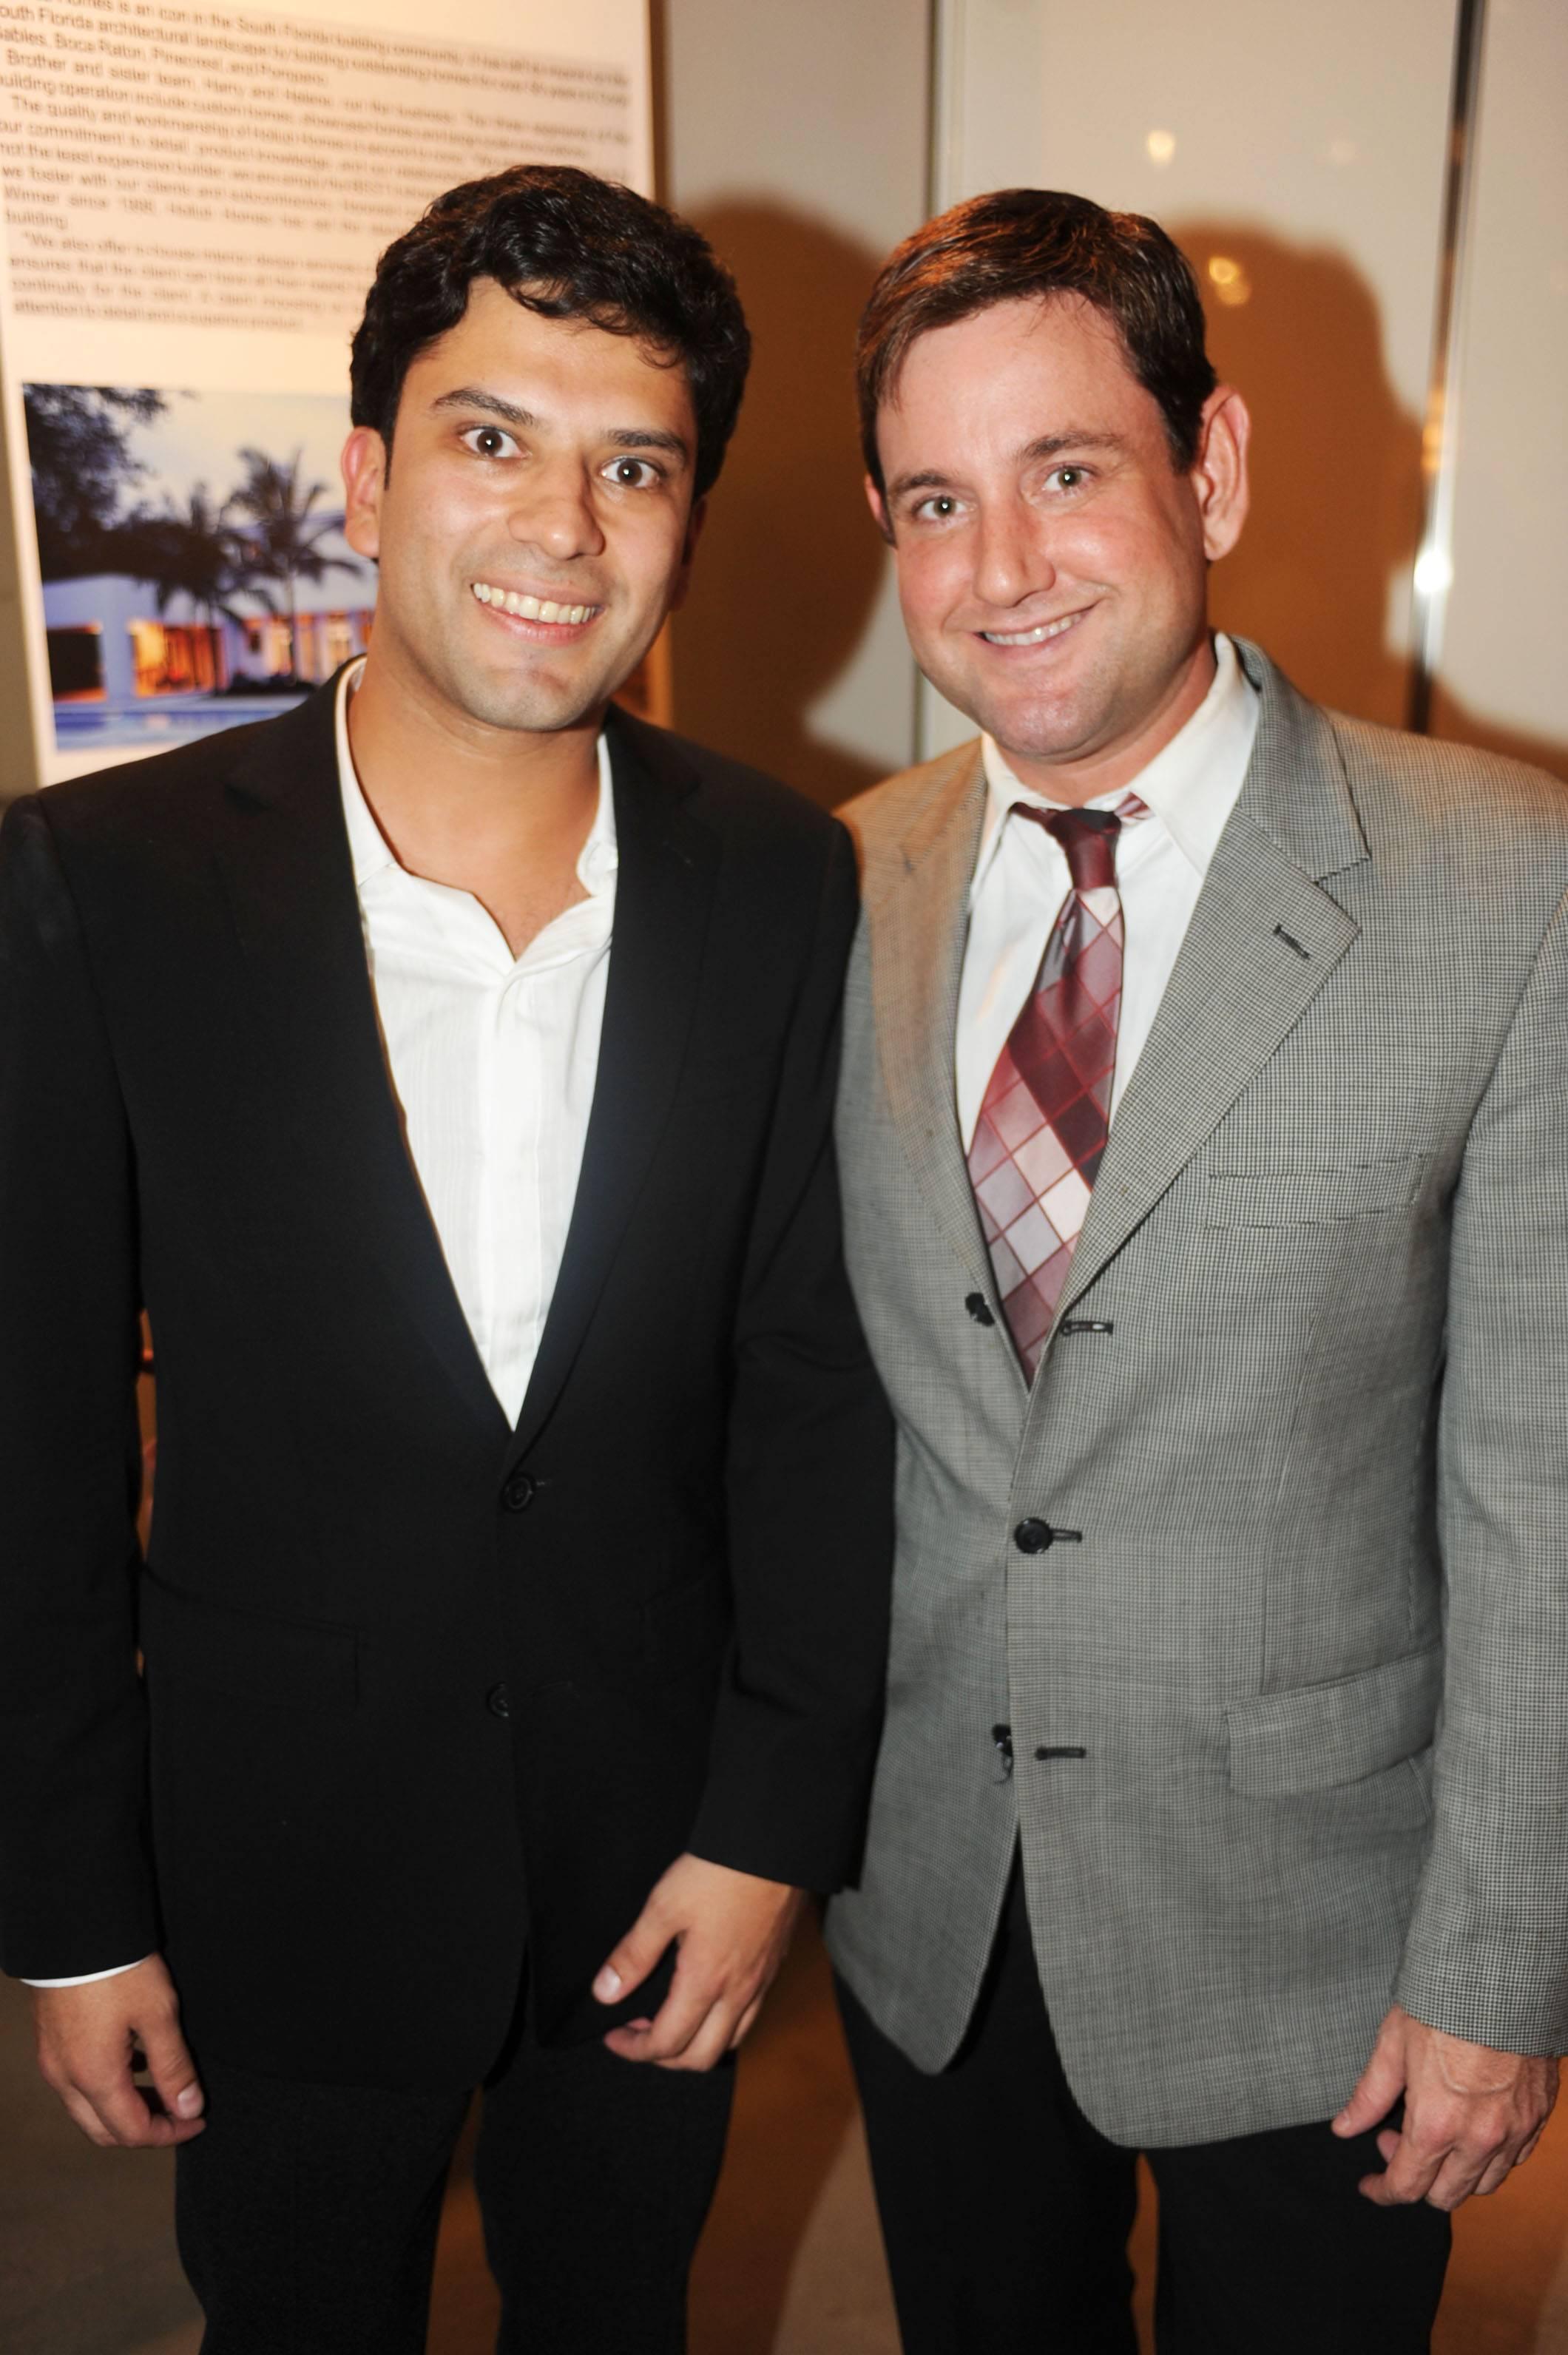 Claudio Faria & Michael Gongora